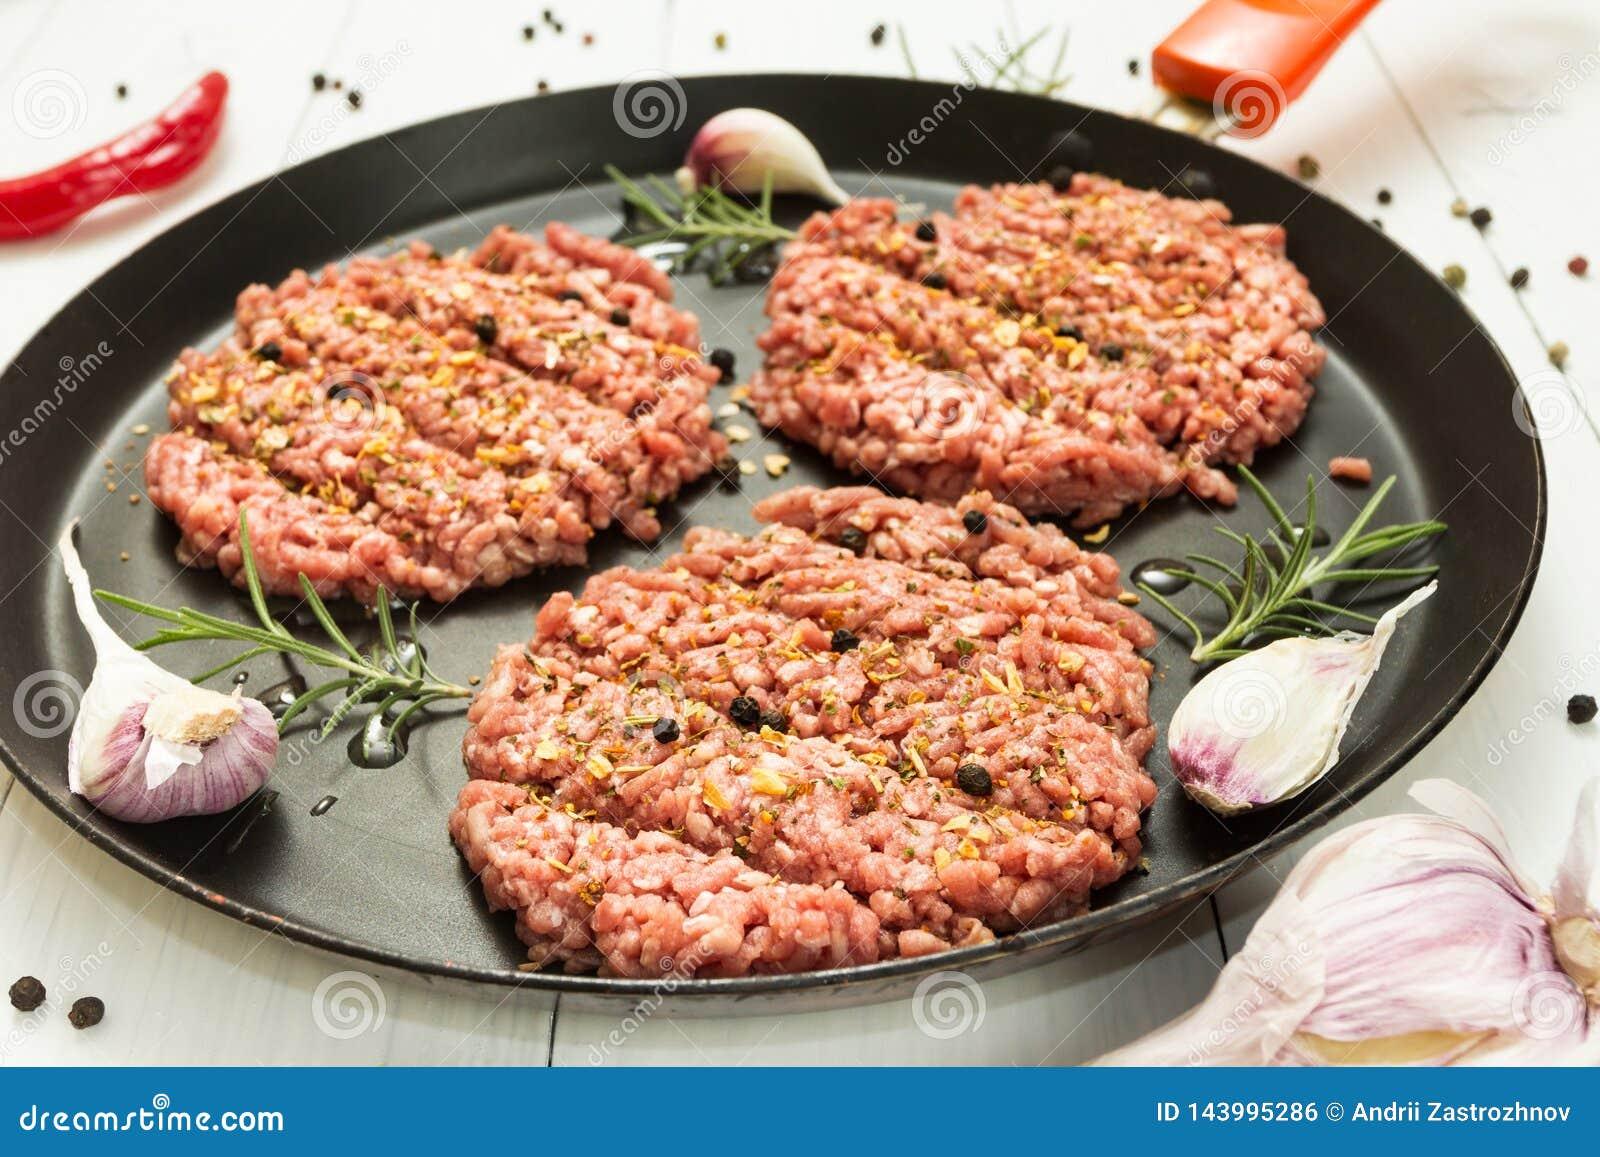 Organicznie wołowiny surowi cutlets z pikantność w smaży niecce na białym tle z czosnkiem, rozmarynami i pieprzem,